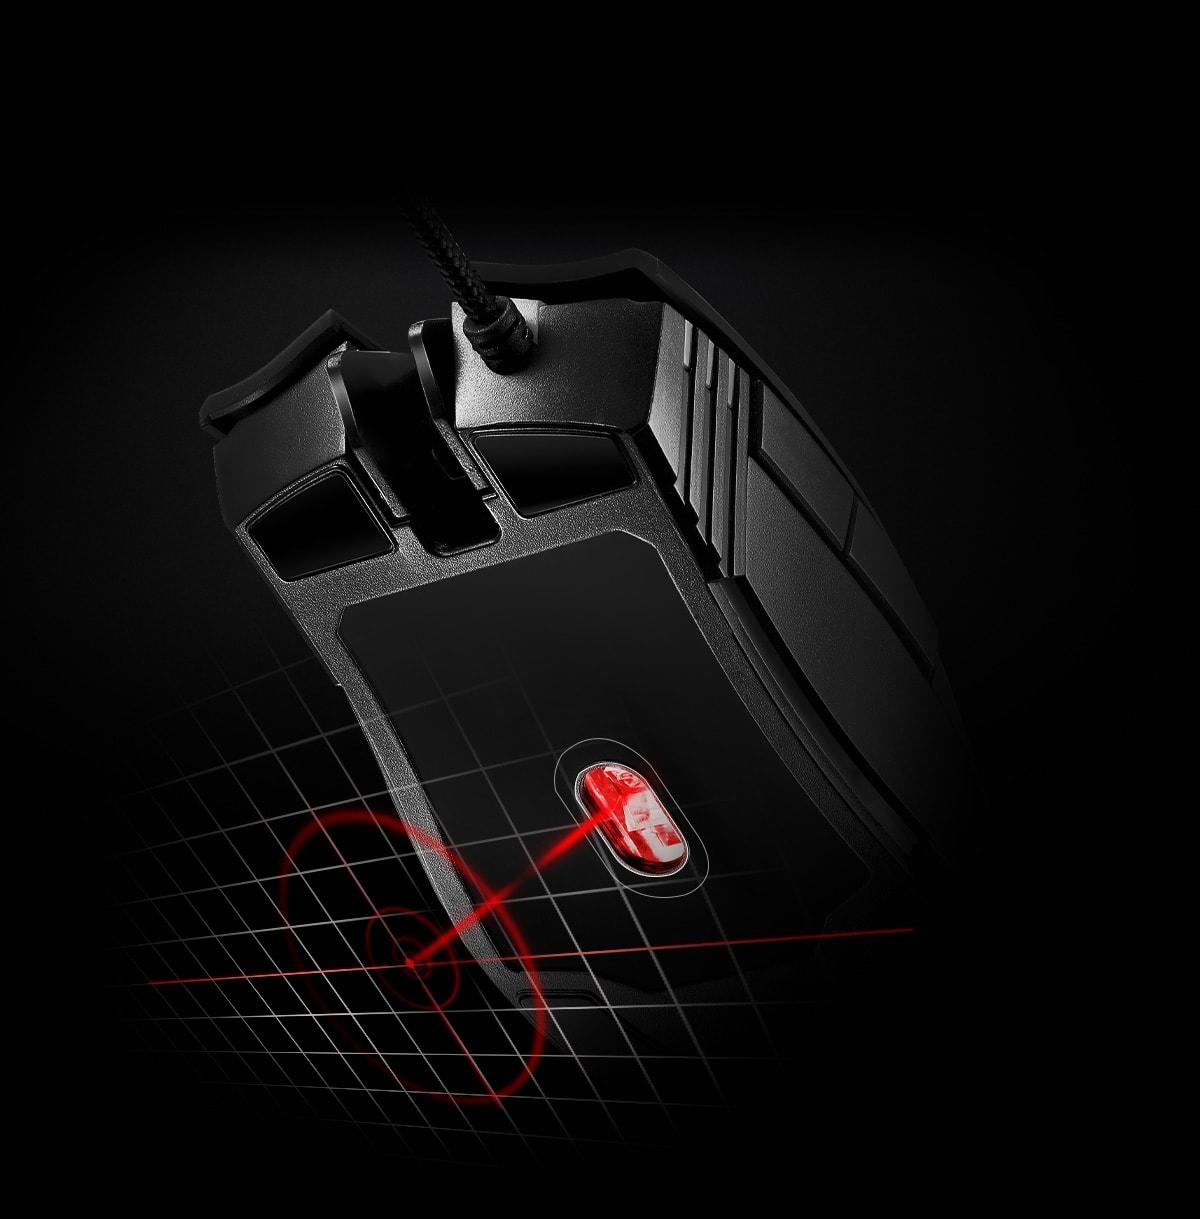 INFAREX-M10-Gaming-Mouse-INFAREX-R10-Gaming-Mouse-Pad-4